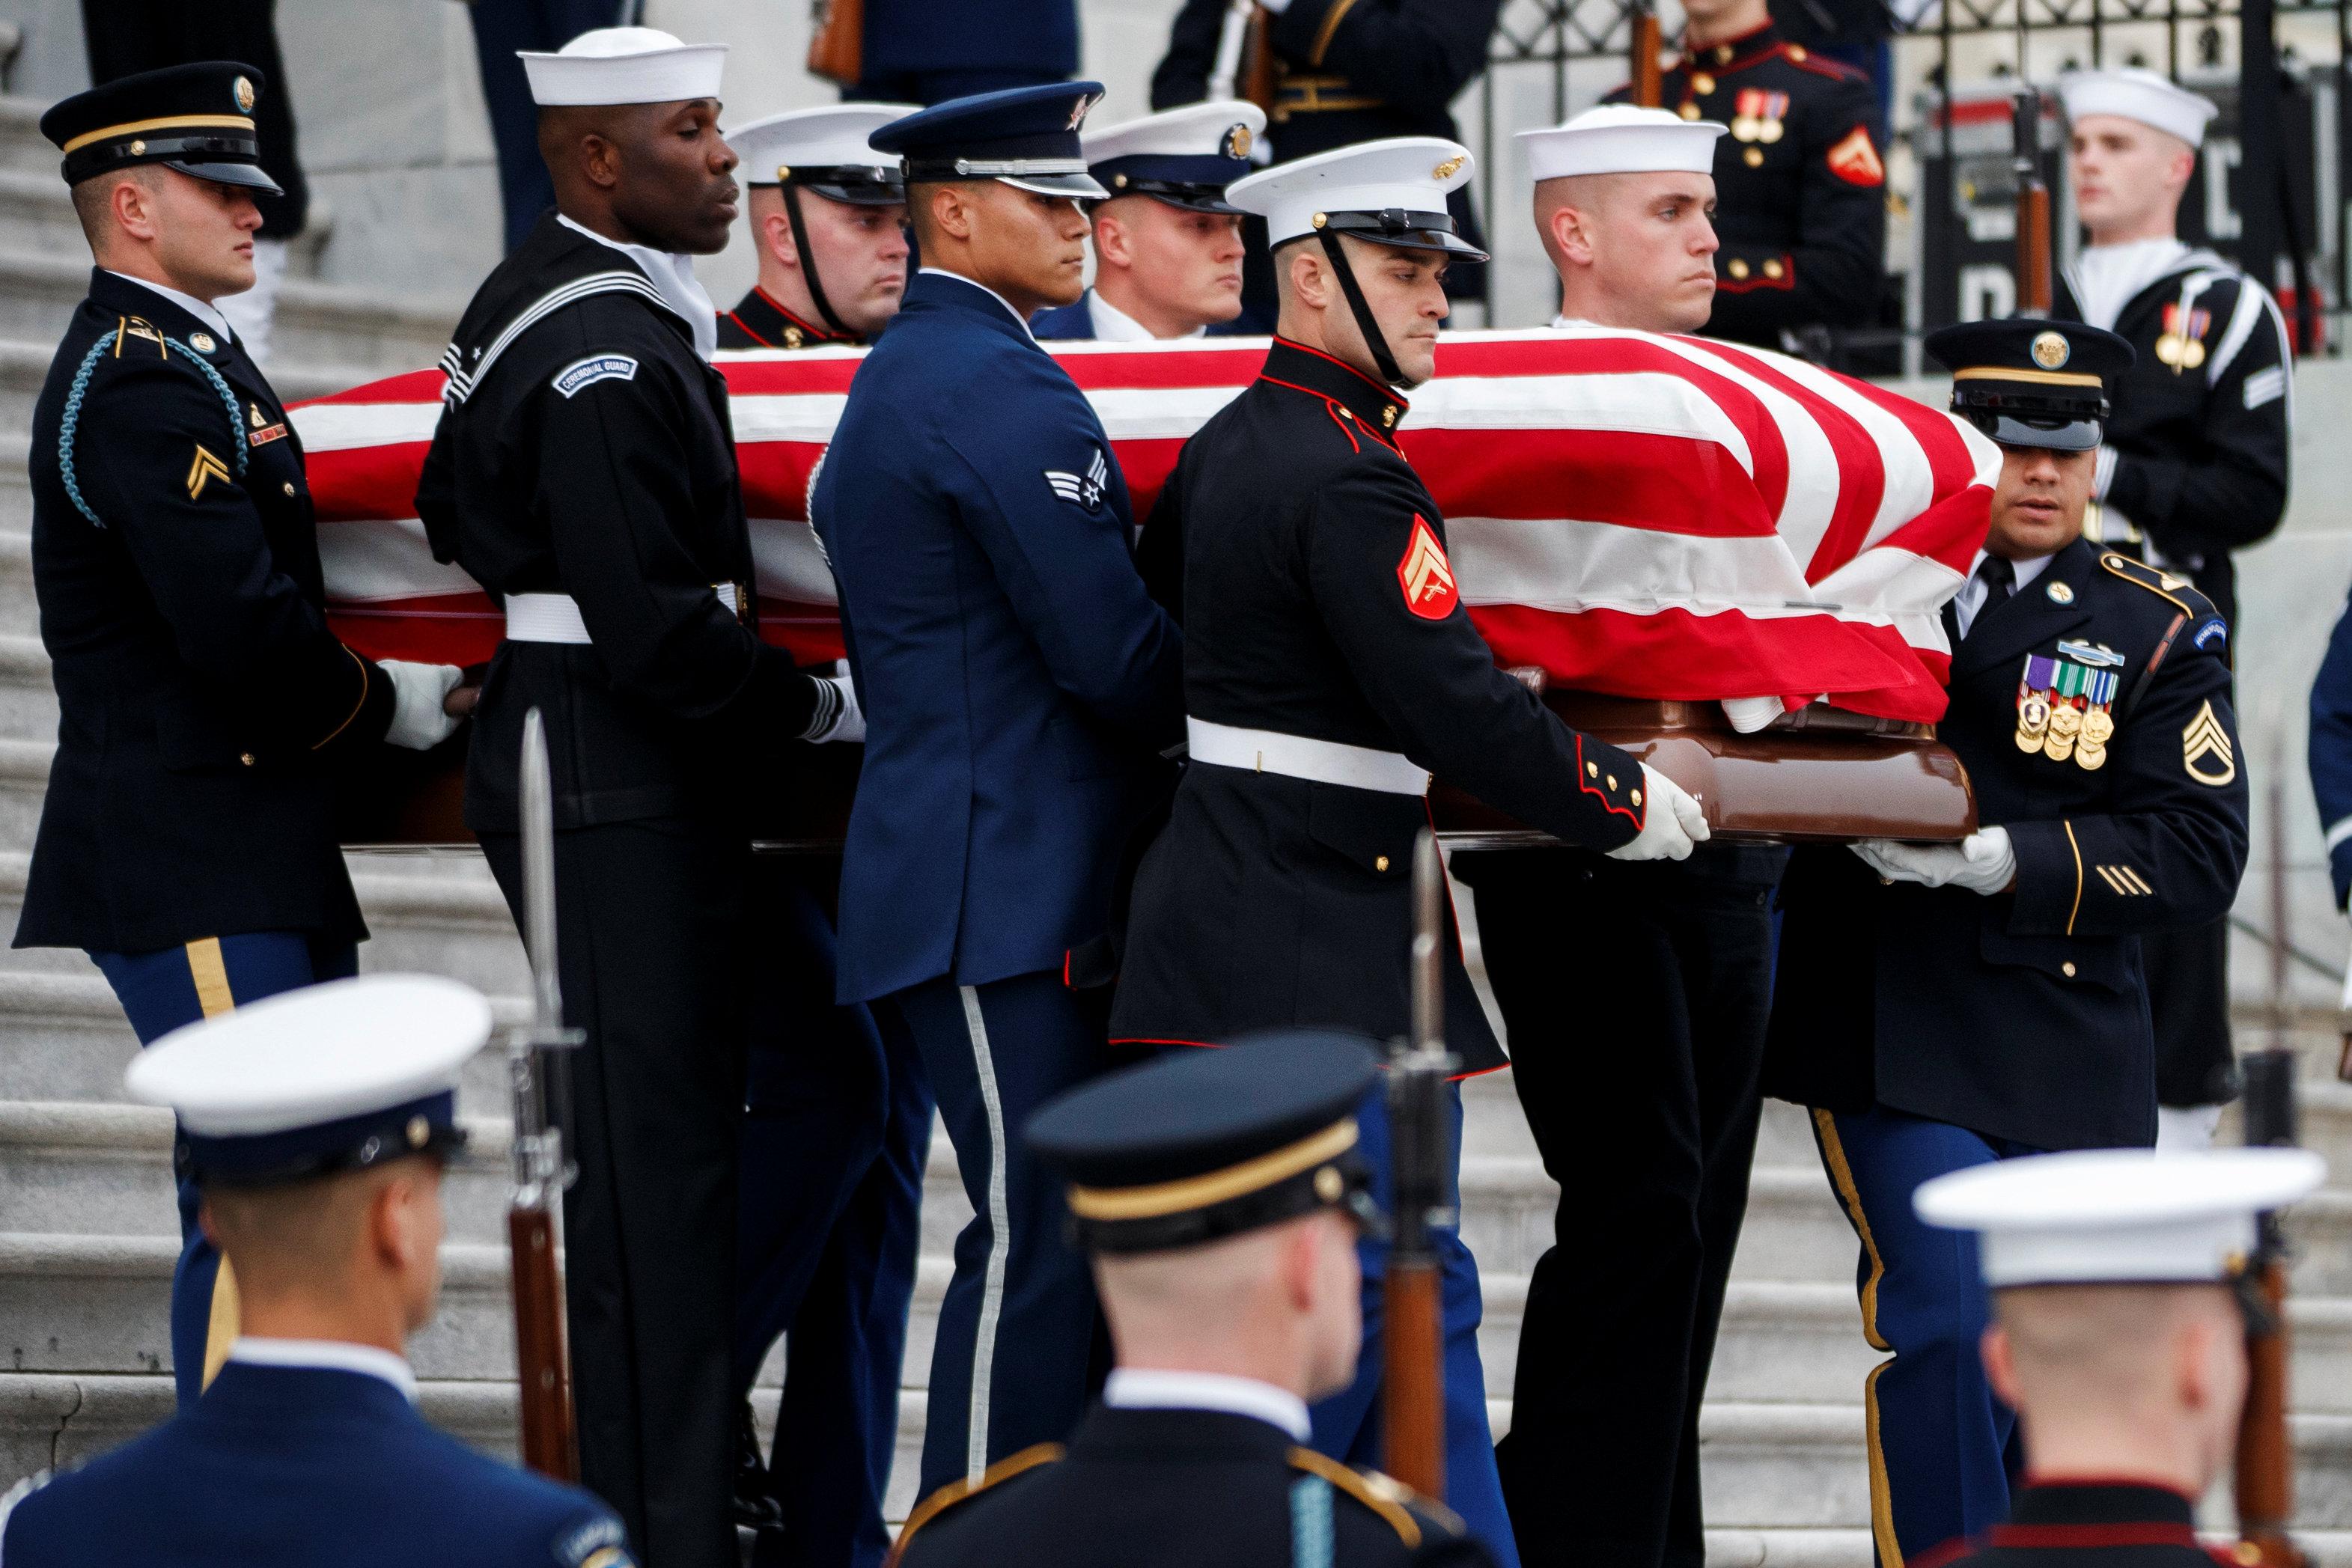 انطلاق مراسم جنازة الرئيس الأمريكى جورج بوش الأب (13)